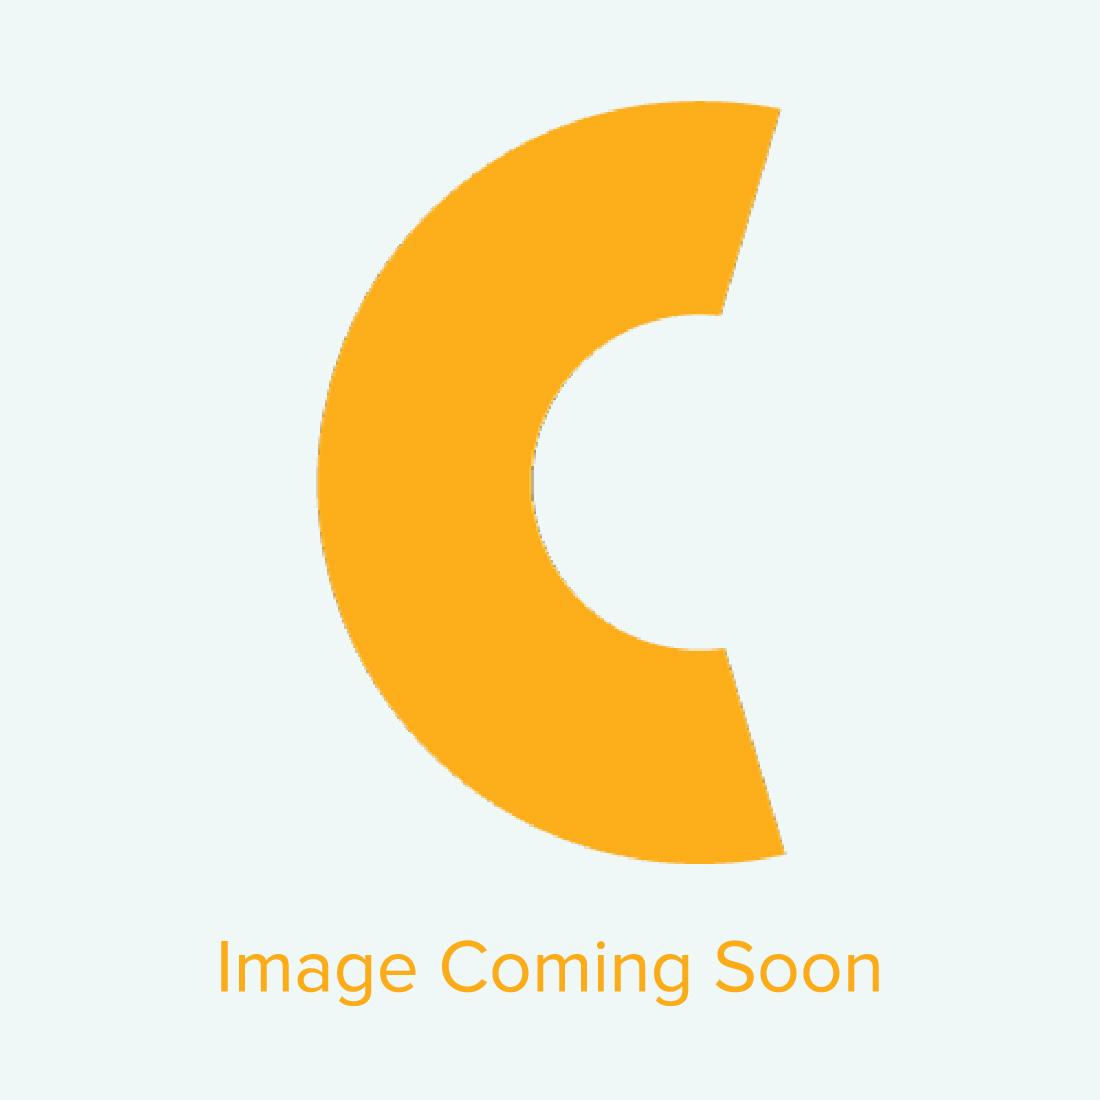 ChromaLuxe Framing System Hardware Kit